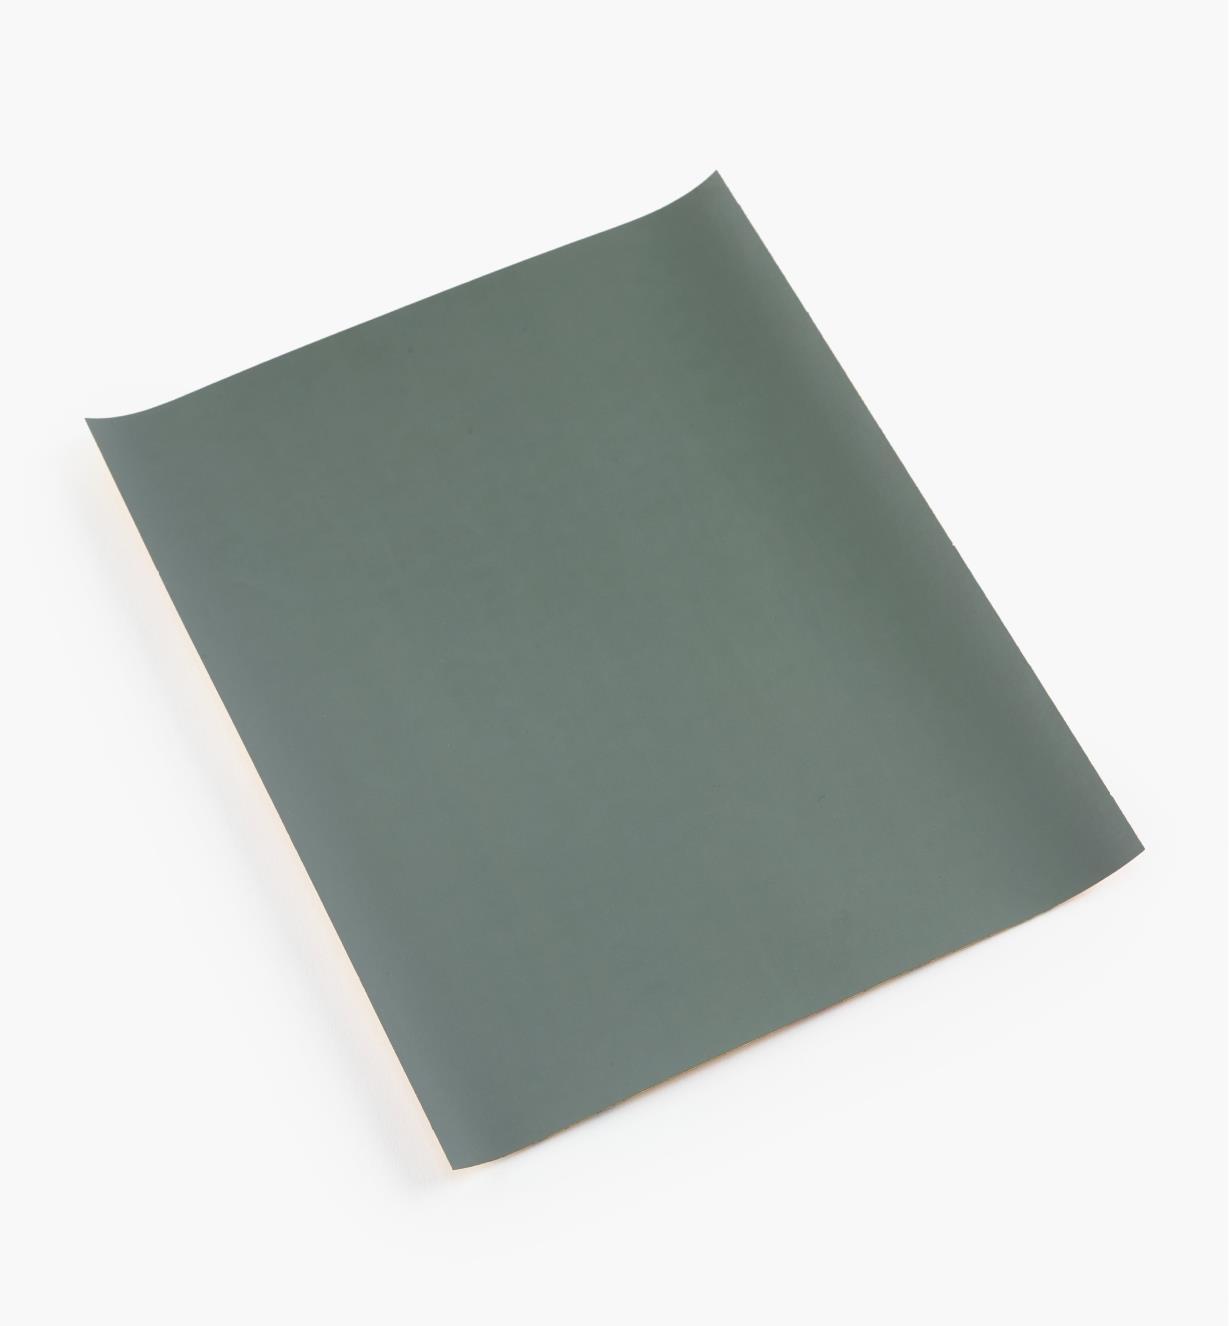 54K8108 - 3M Wet/Dry Sandpaper, 2500A (0.5µ)